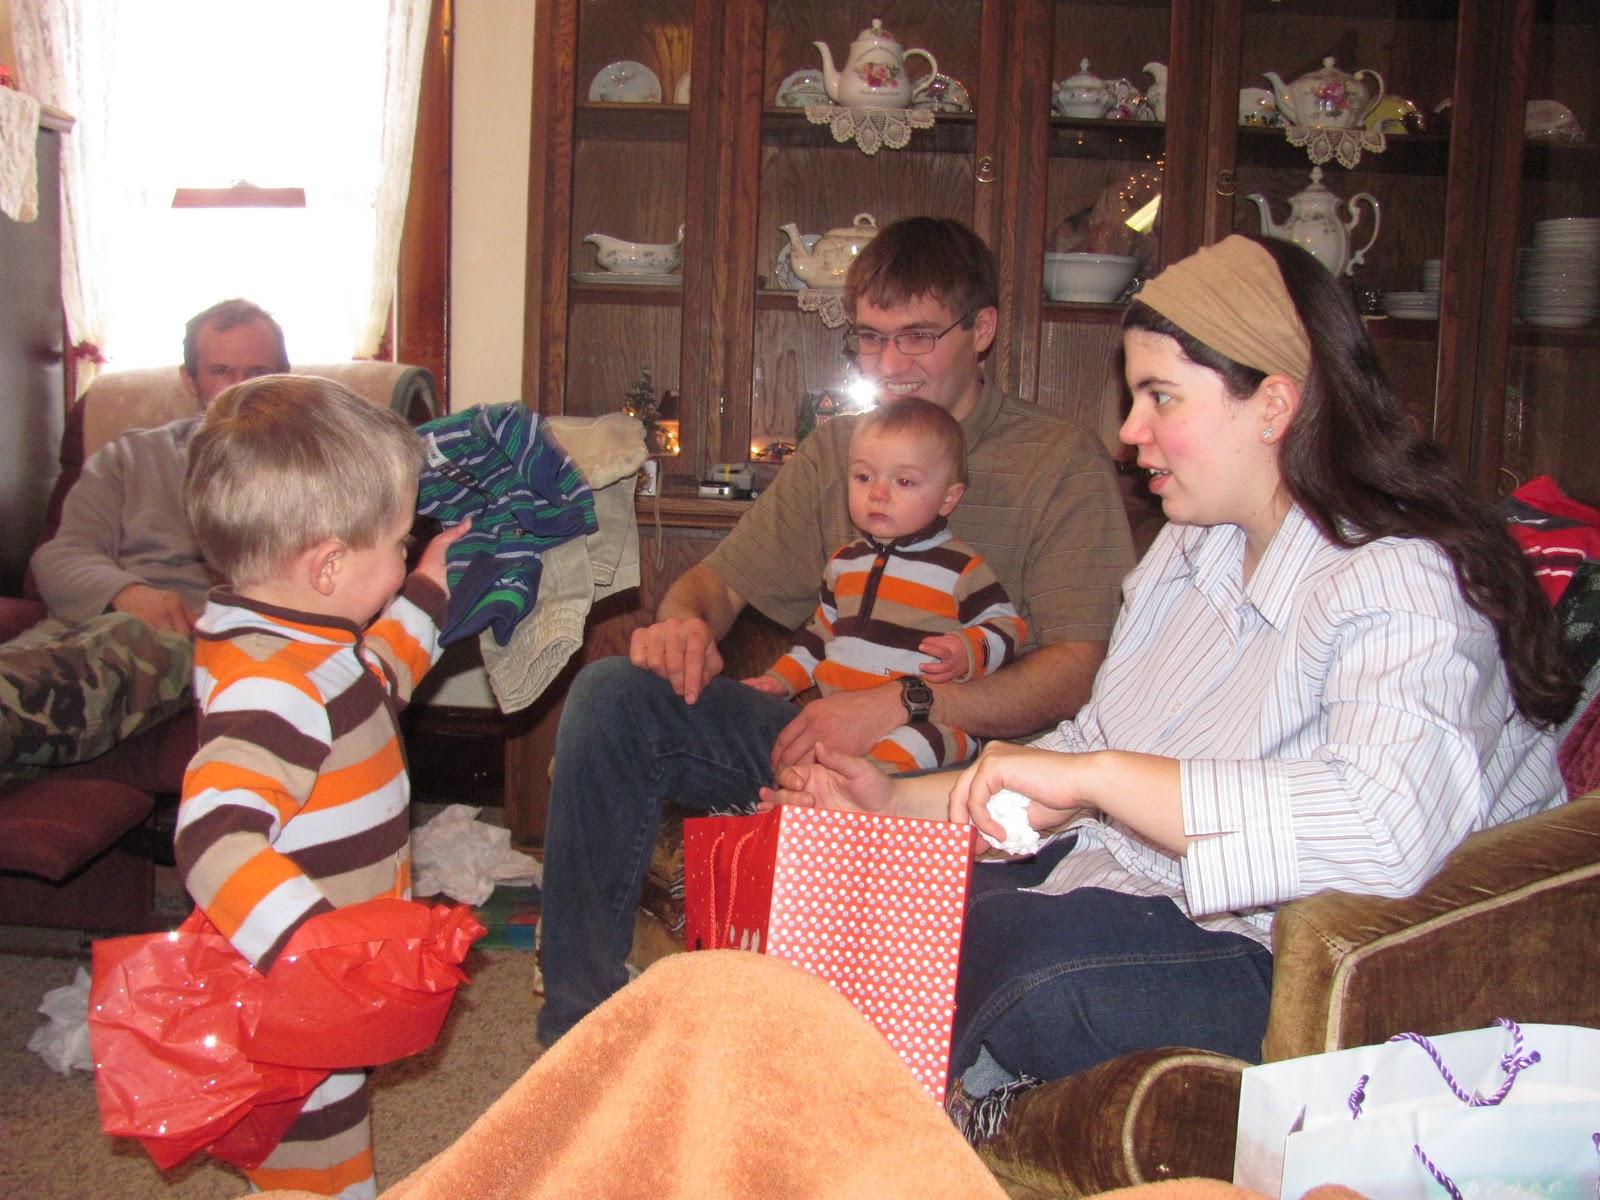 http://2.bp.blogspot.com/_823zW-c5UPw/TR1I6J6bjlI/AAAAAAAAEac/1QOCejdw2tw/s1600/Christmas+2010+048.JPG